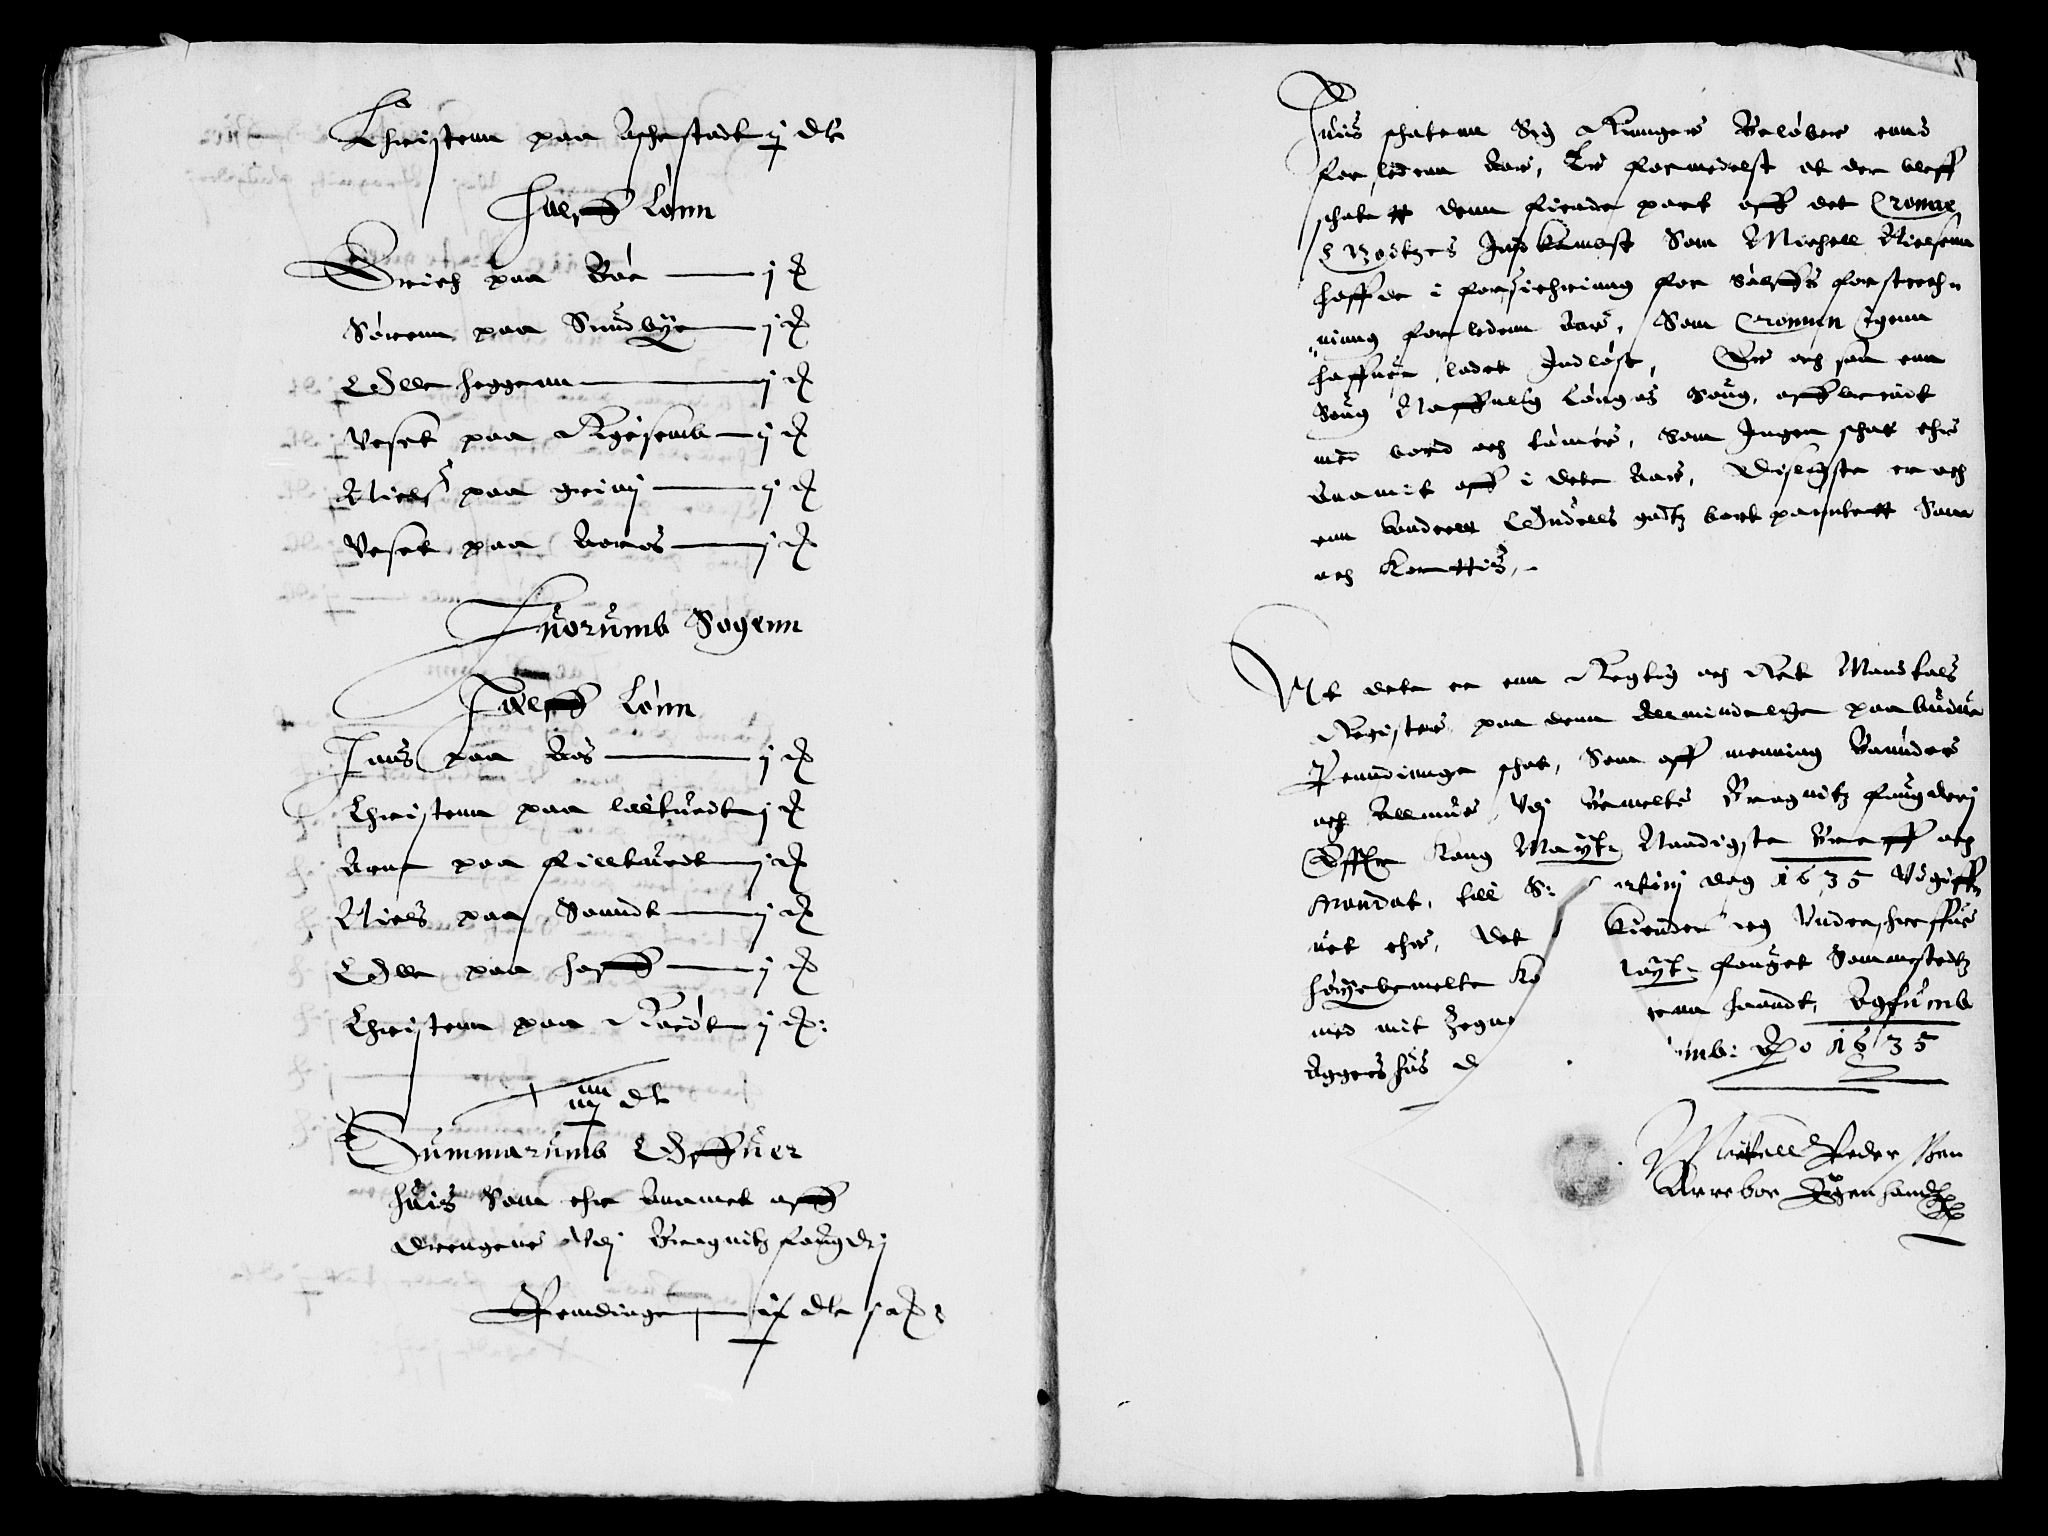 RA, Rentekammeret inntil 1814, Reviderte regnskaper, Lensregnskaper, R/Rb/Rba/L0123: Akershus len, 1635-1636, s. upaginert